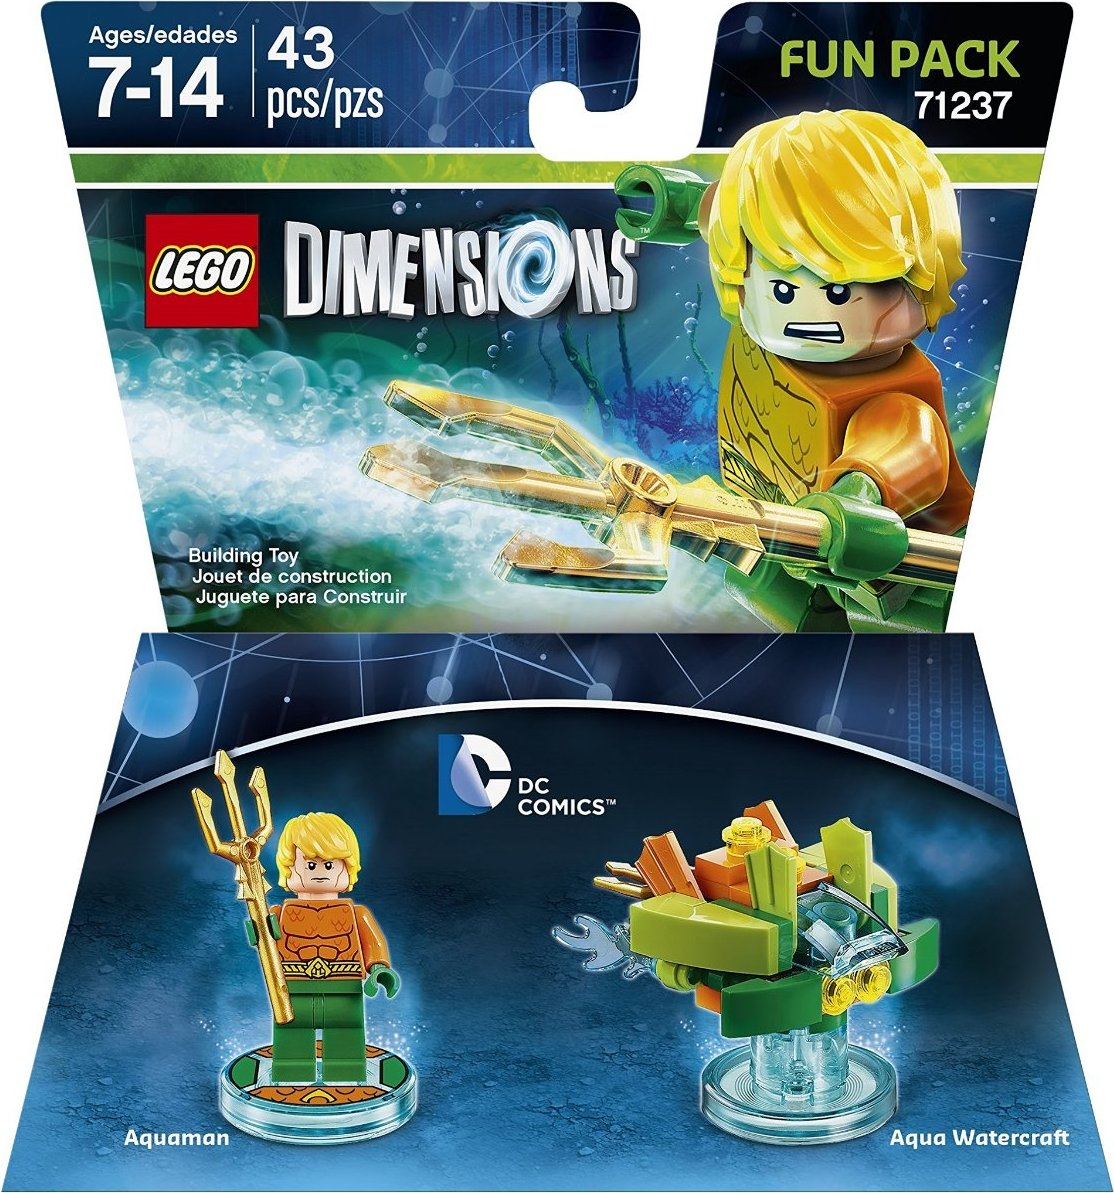 71237 DC Aquaman Fun Pack